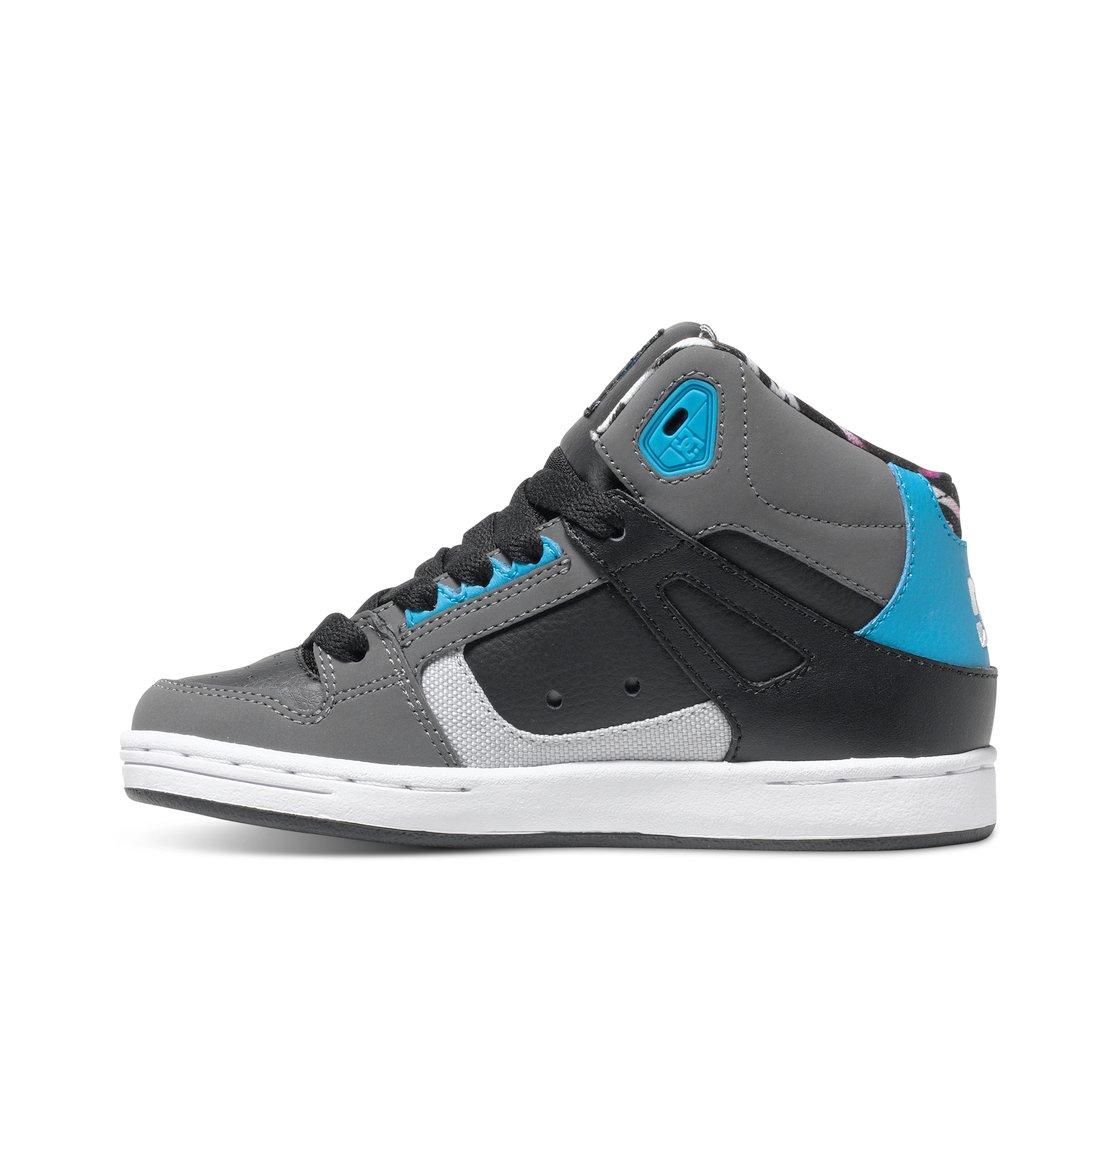 DC Shoes Rebound - High-Top Shoes - Zapatillas Altas - Chicos - EU 35 2QjpV